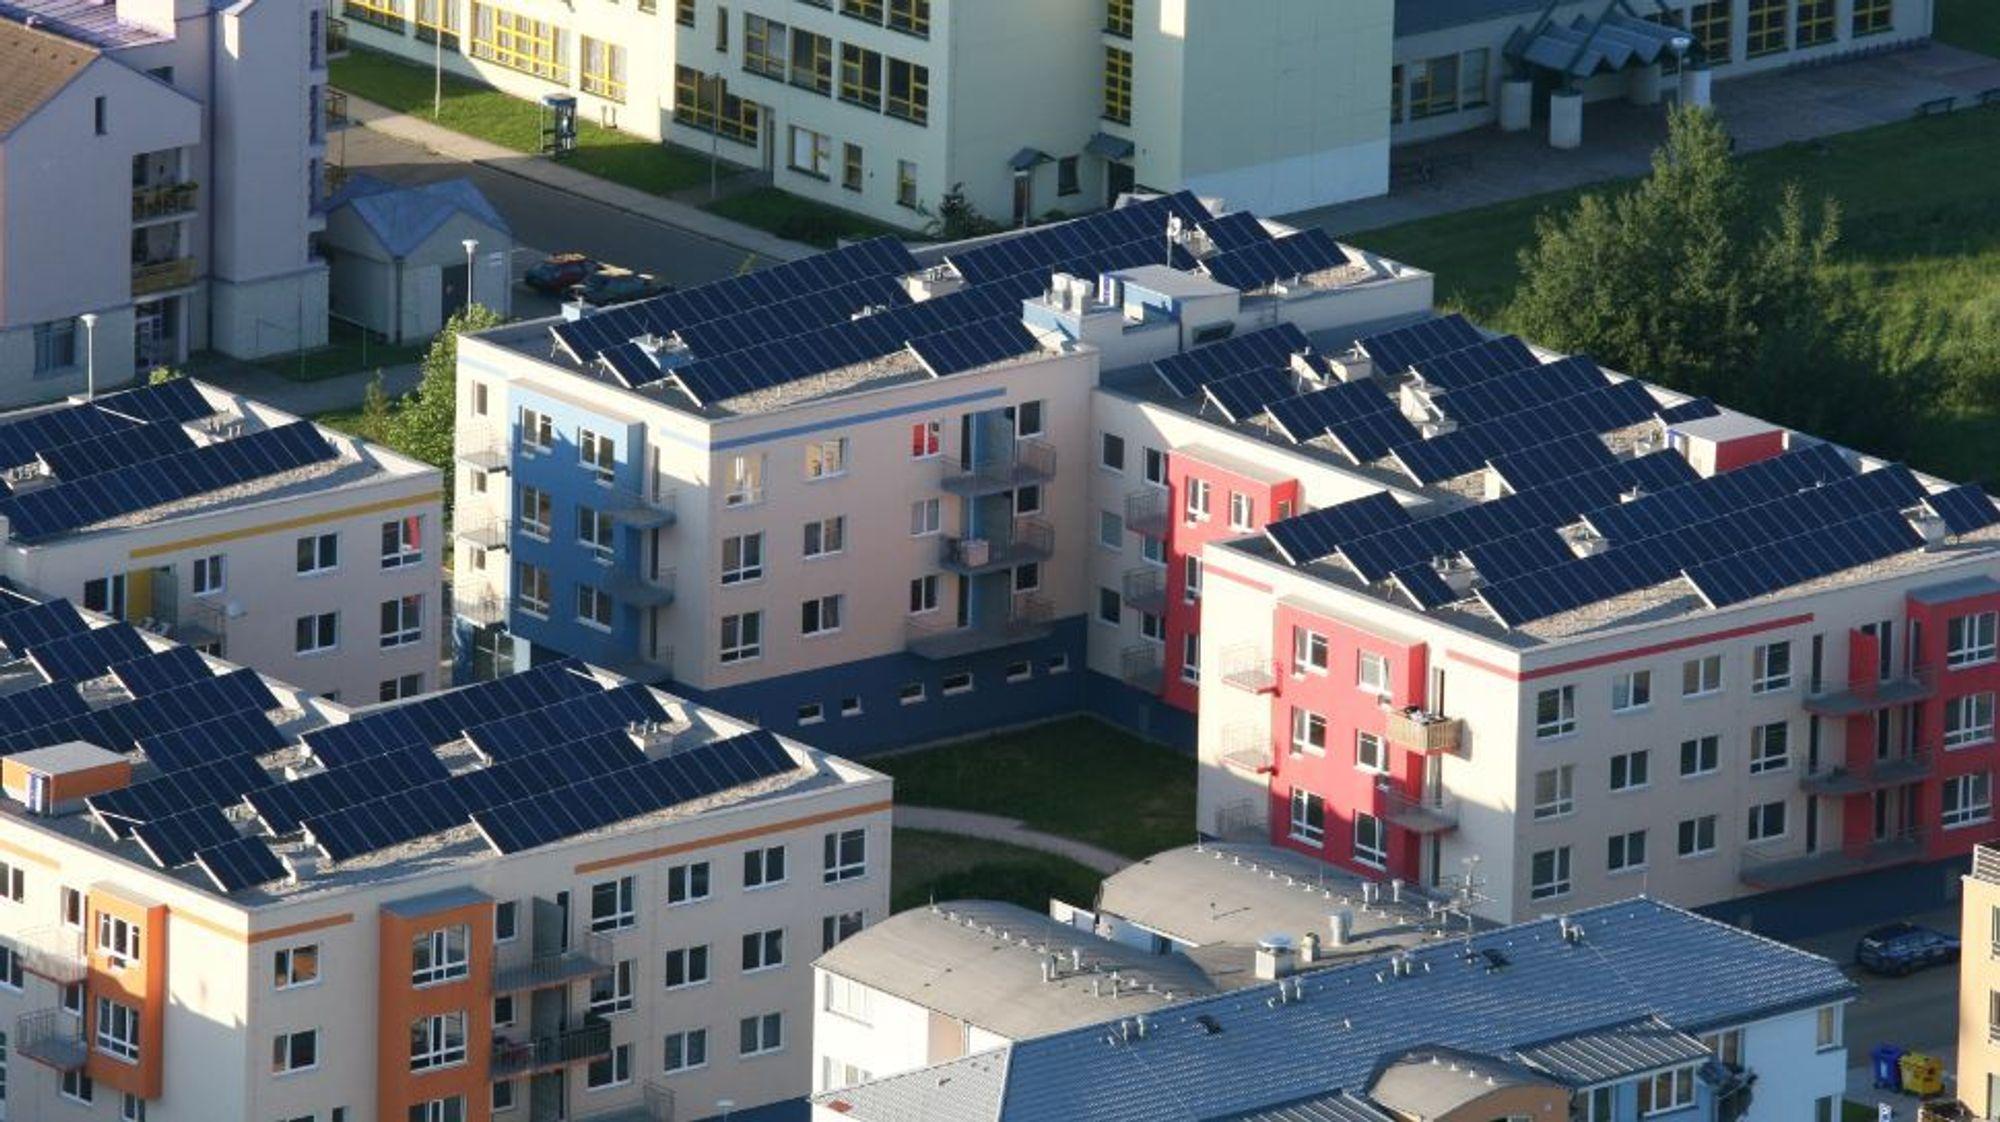 Svensk solskatt: Svenske borettslag er blant de som rammes nå når svenske myndigheter har innført skatt på bruk av egen solenergi.